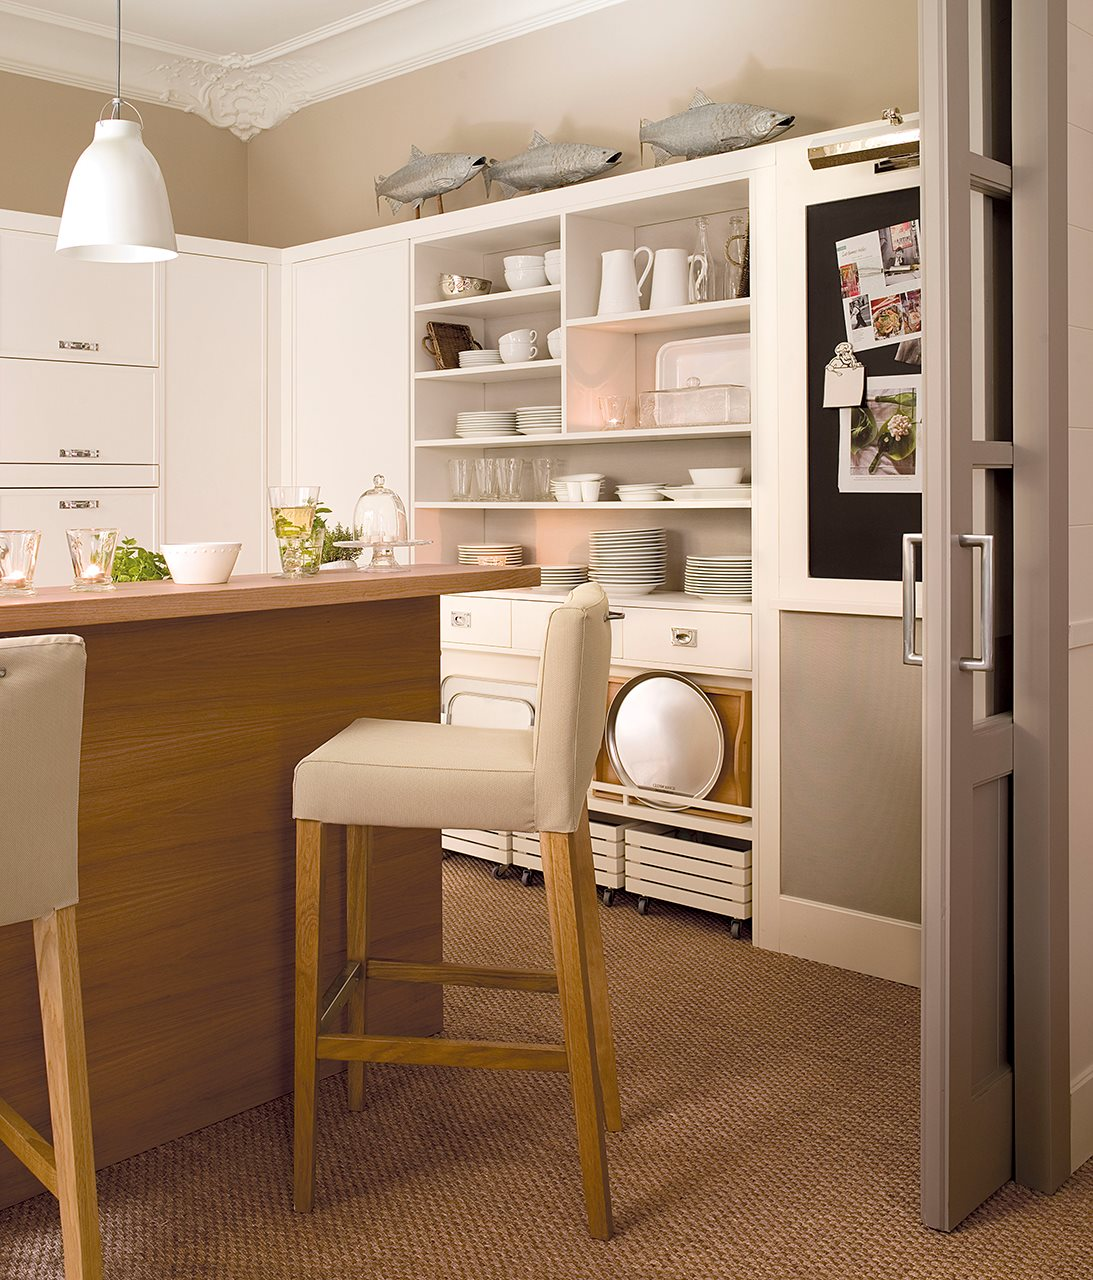 C mo aprovechar el espacio en cocinas peque as for Comedores para cocinas pequenas